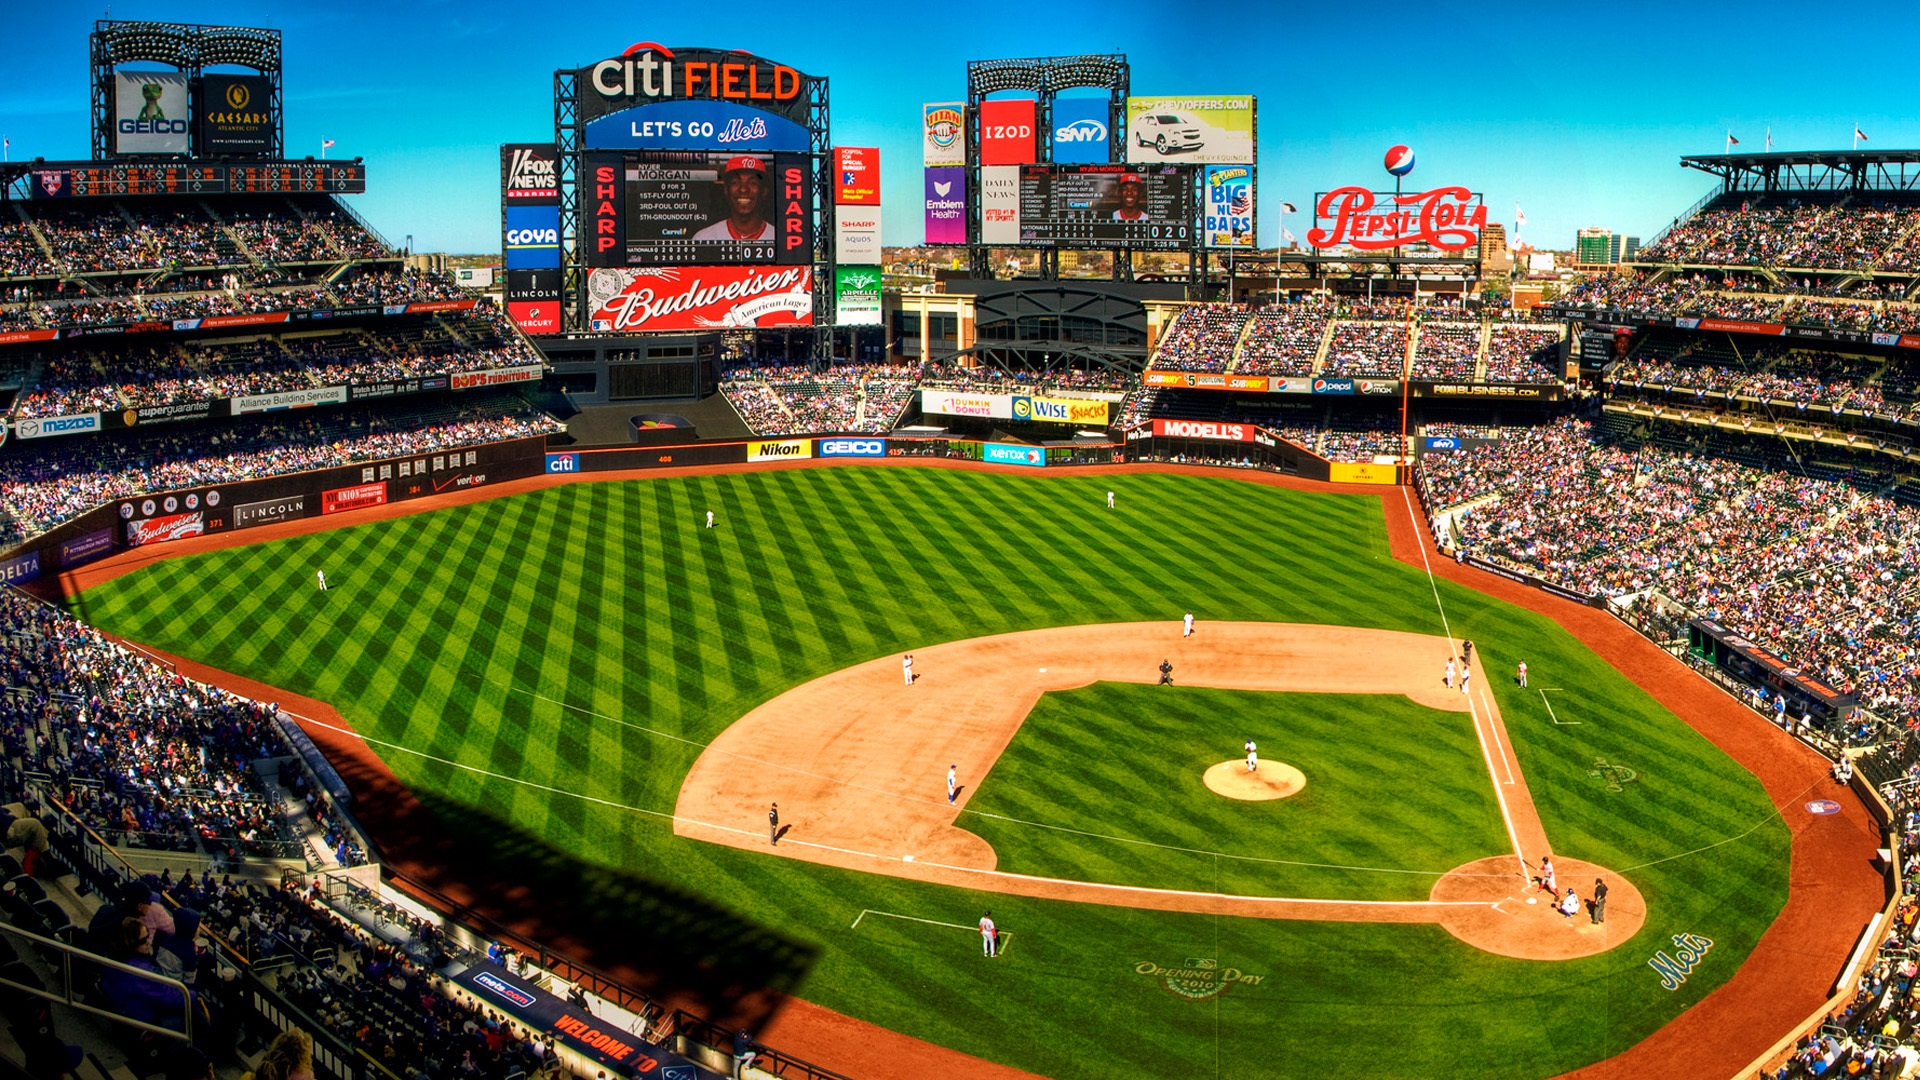 壁紙 野球場 ニューヨーク Usa 19x1080 Full Hd 2k 無料のデスクトップの背景 画像